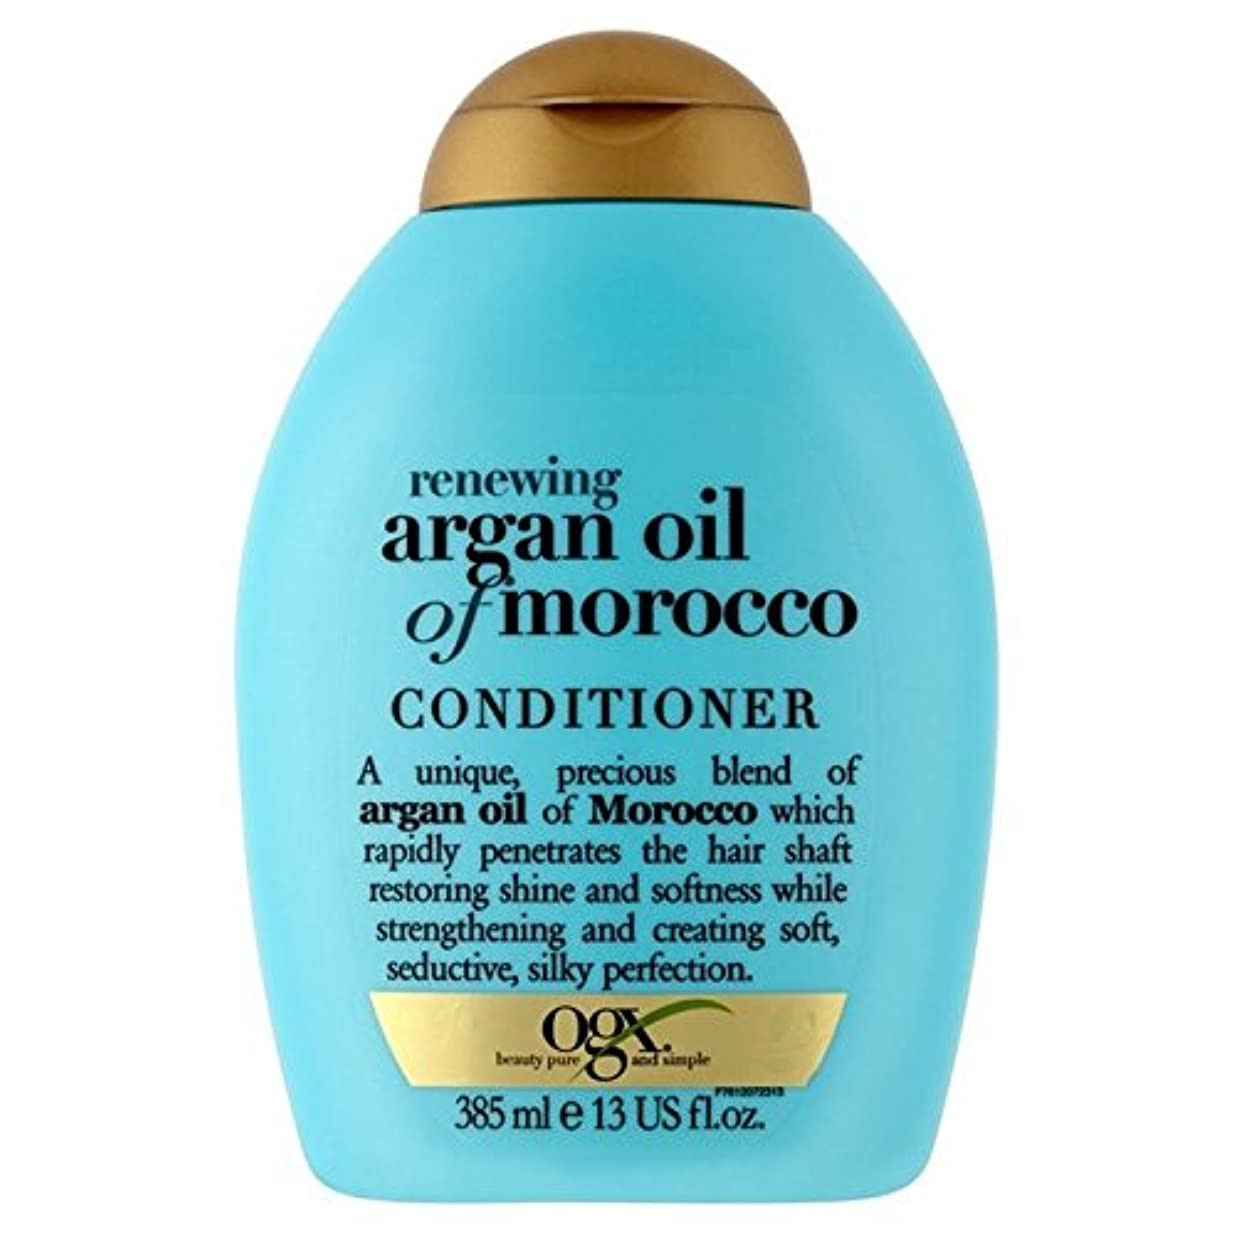 簡略化する経由でガソリンモロッコのアルガンオイルコンディショナー385ミリリットル x2 - Ogx Moroccan Argan Oil Conditioner 385ml (Pack of 2) [並行輸入品]